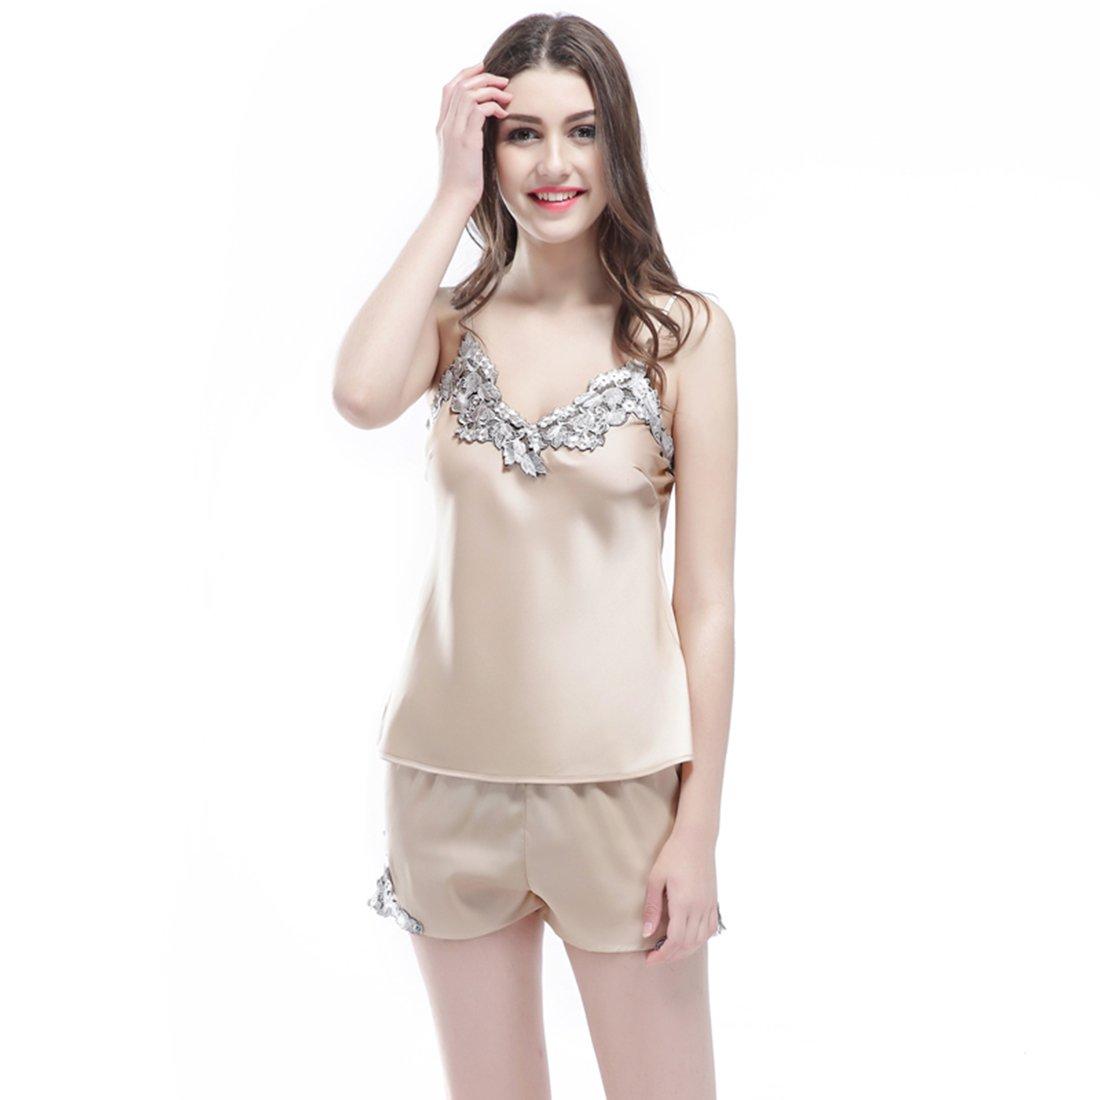 Mujer Atractiva de la Ropa Interior de Encaje del Camisšn Pijama con Encanto: Amazon.es: Ropa y accesorios